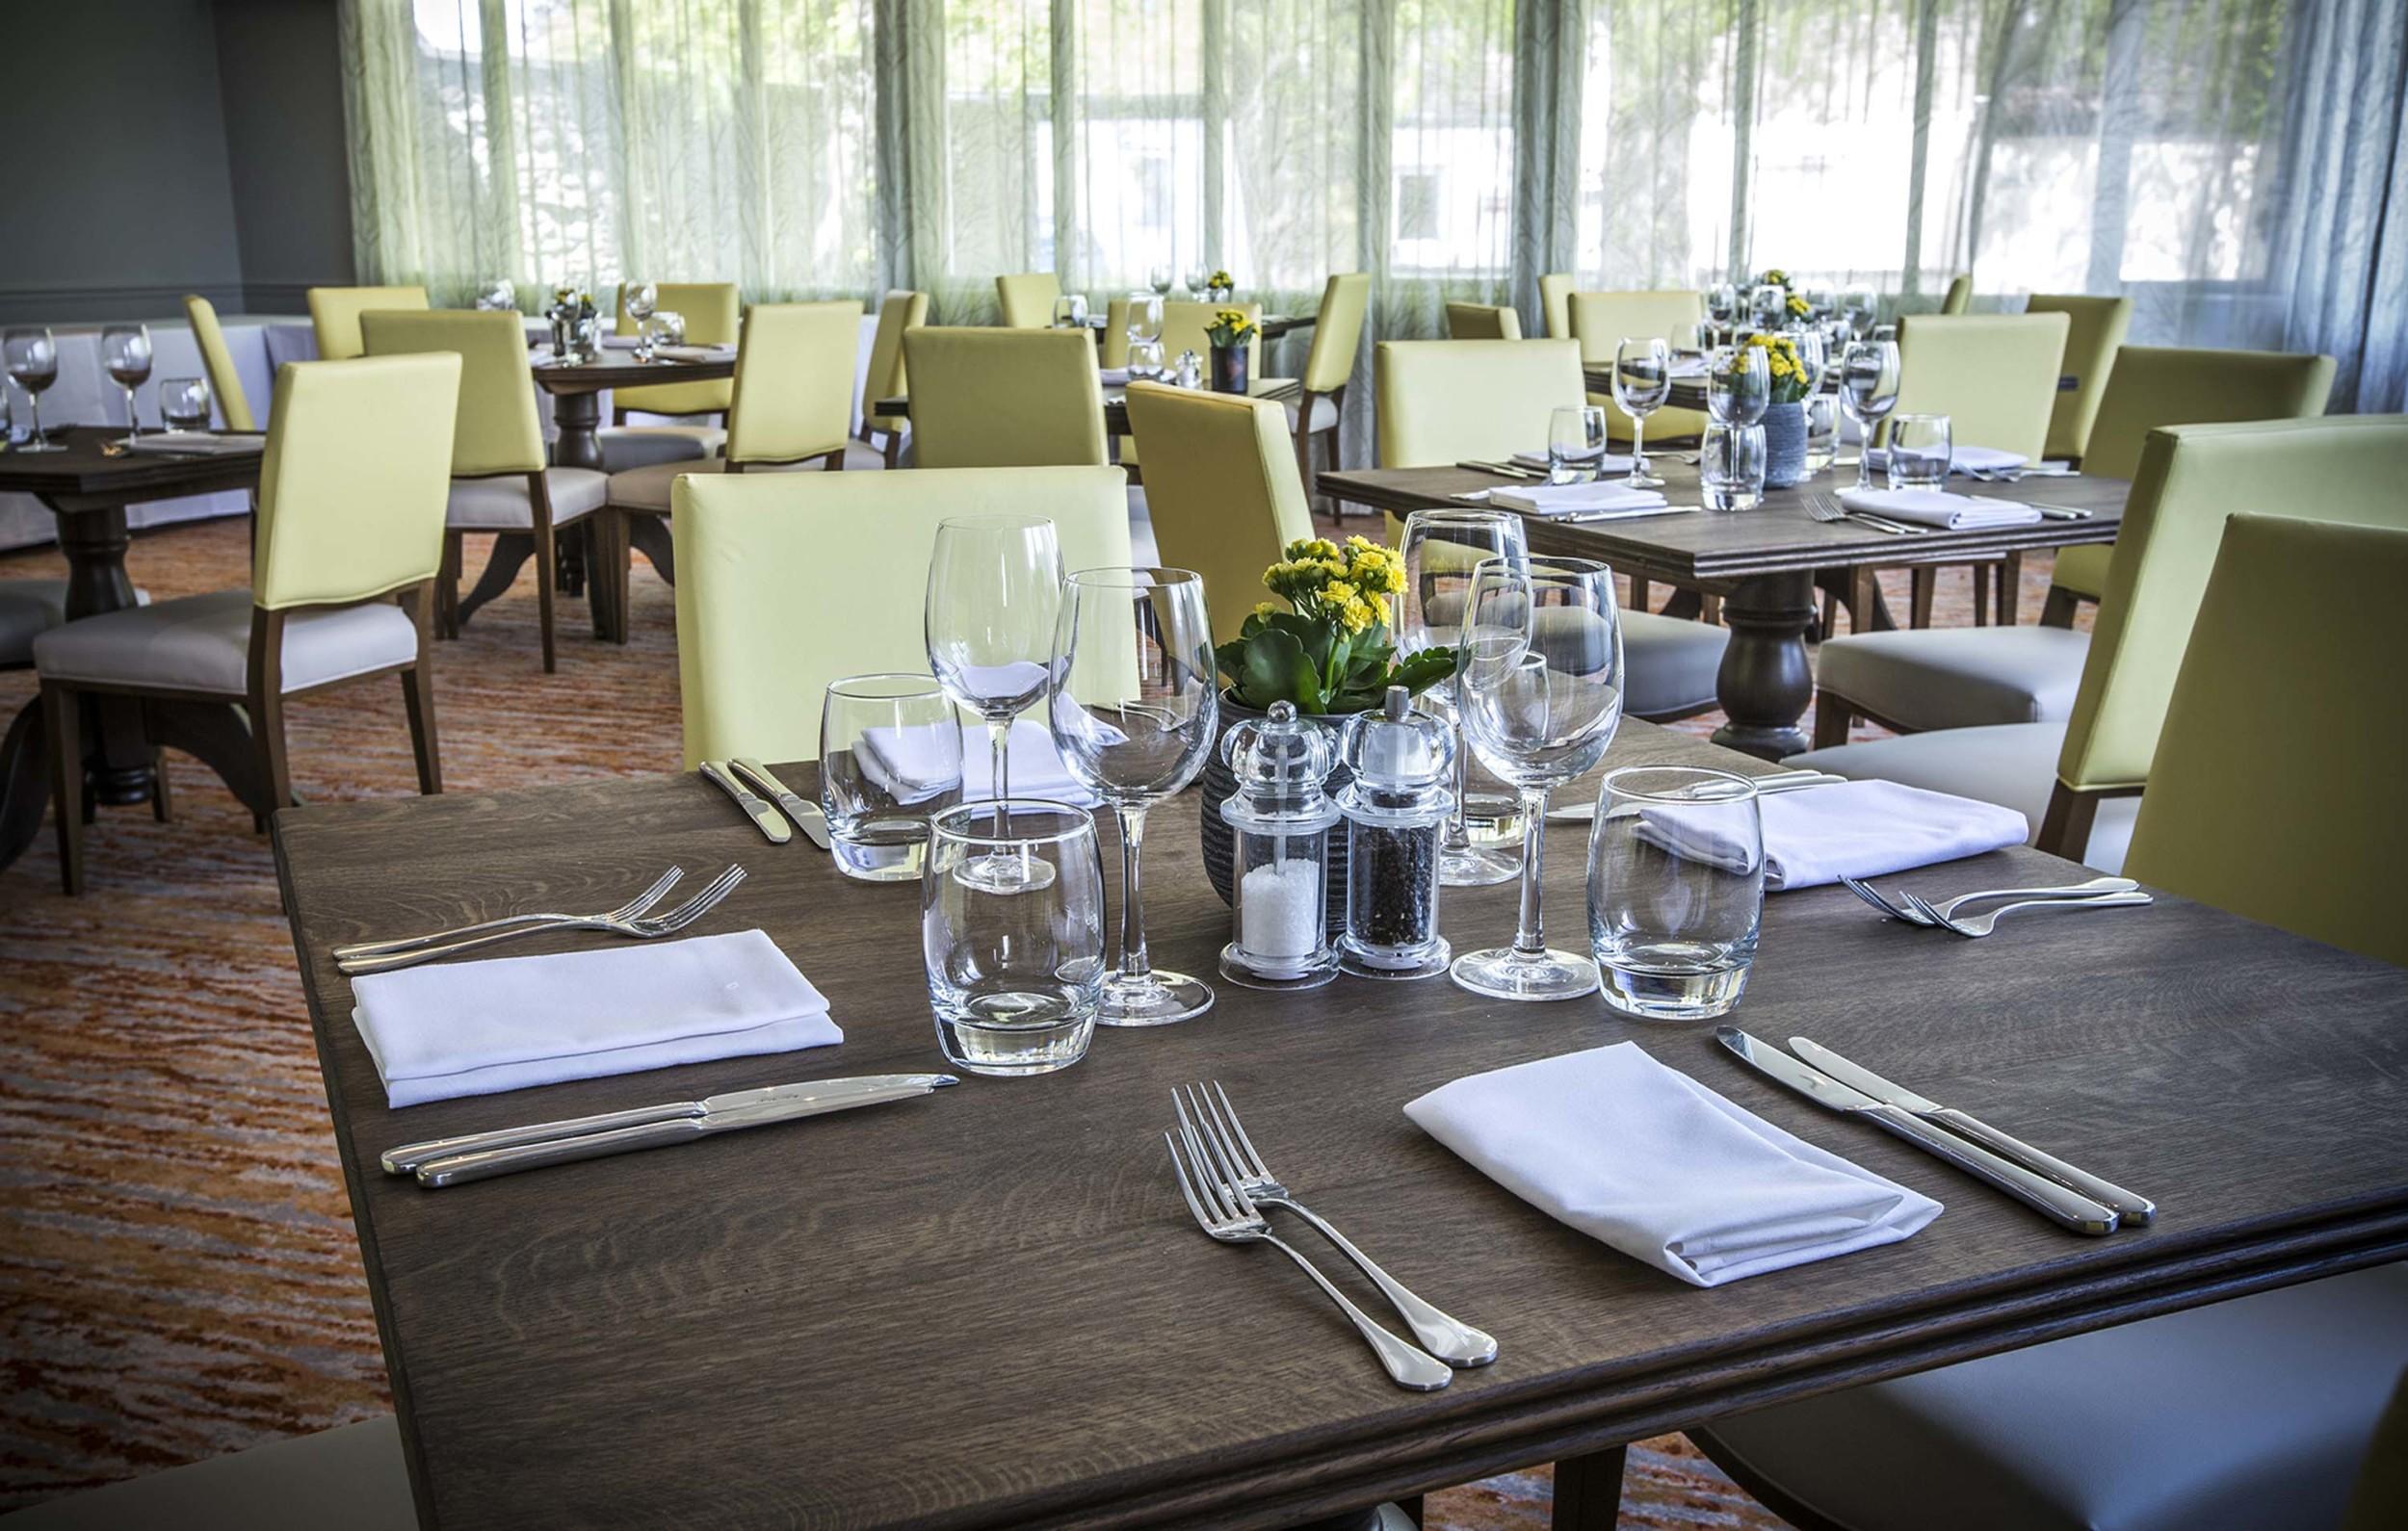 hotel restaurant interior design